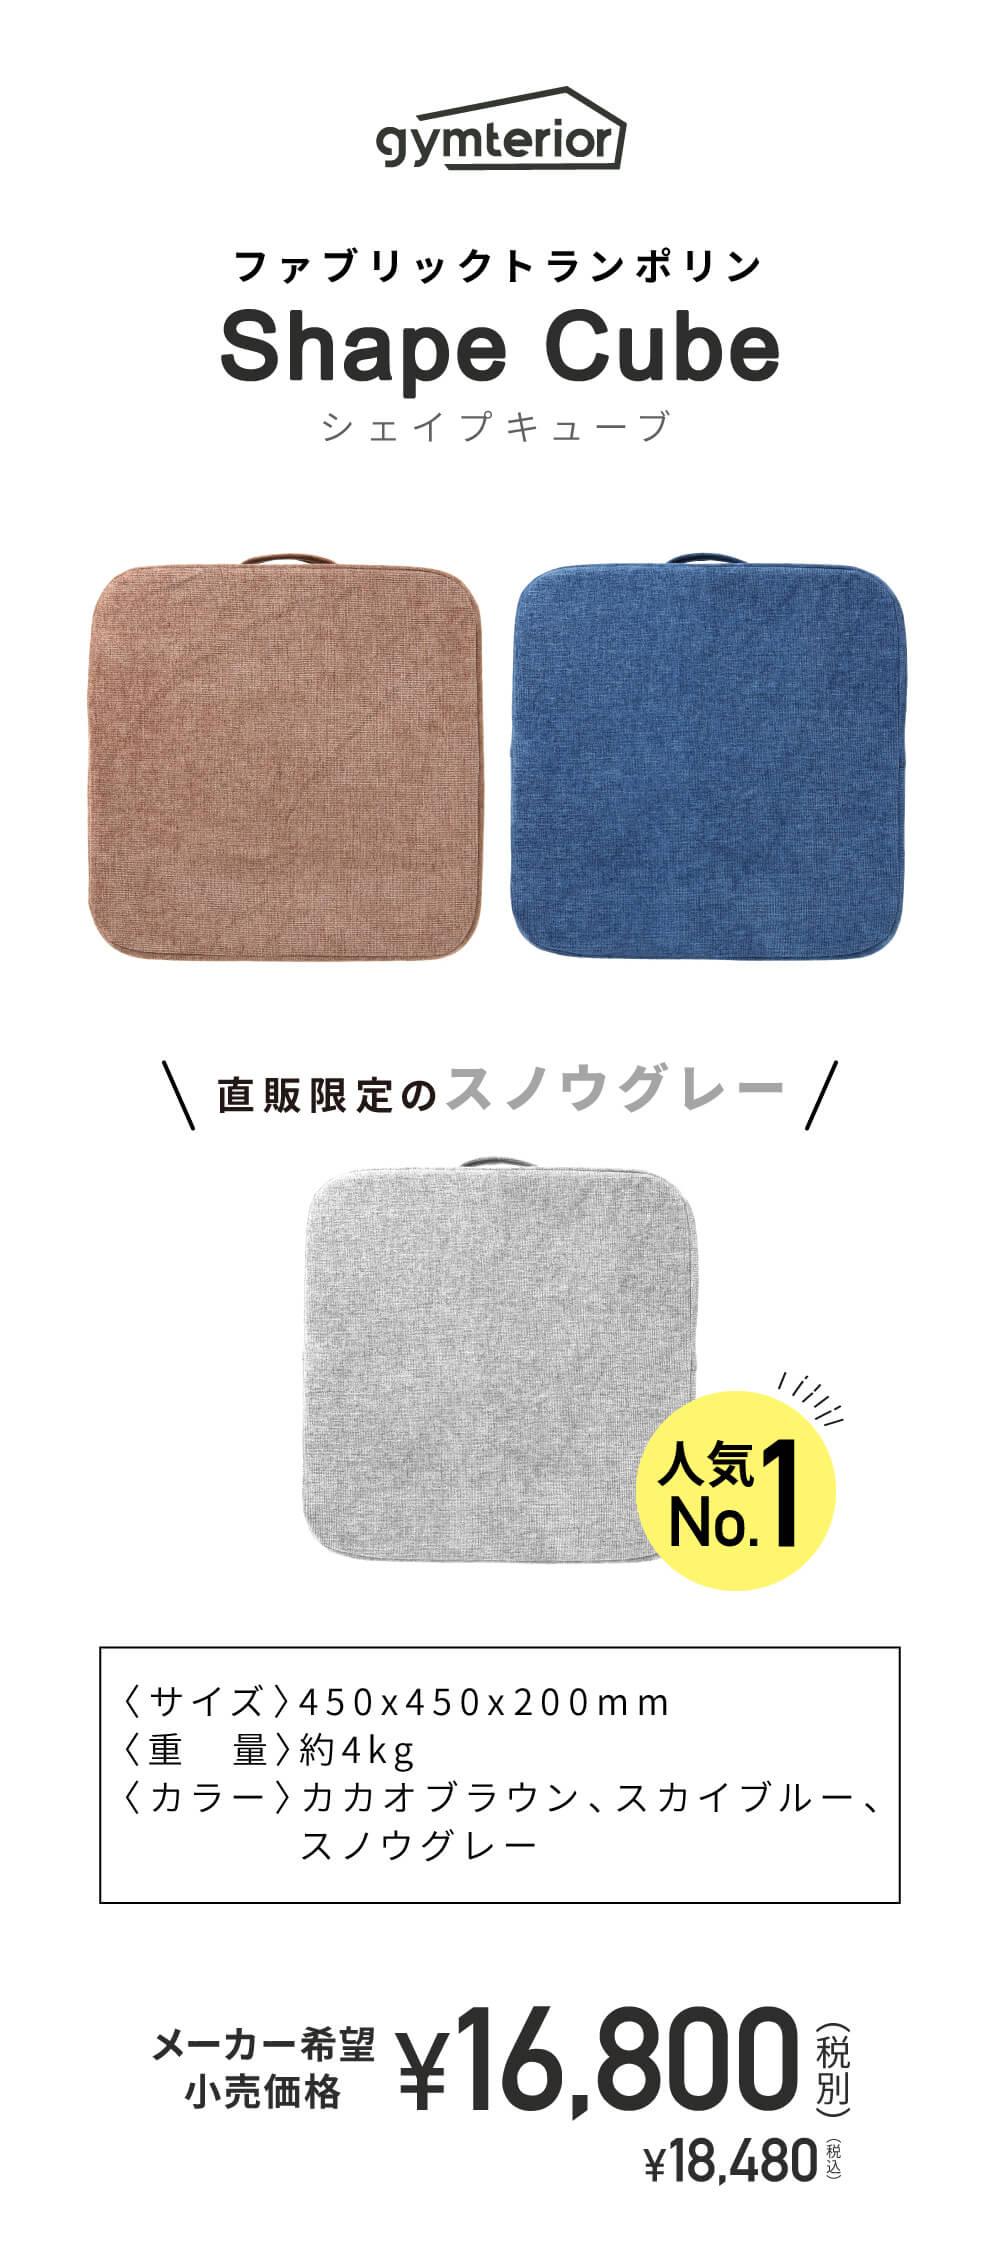 シェイプキューブ商品詳細